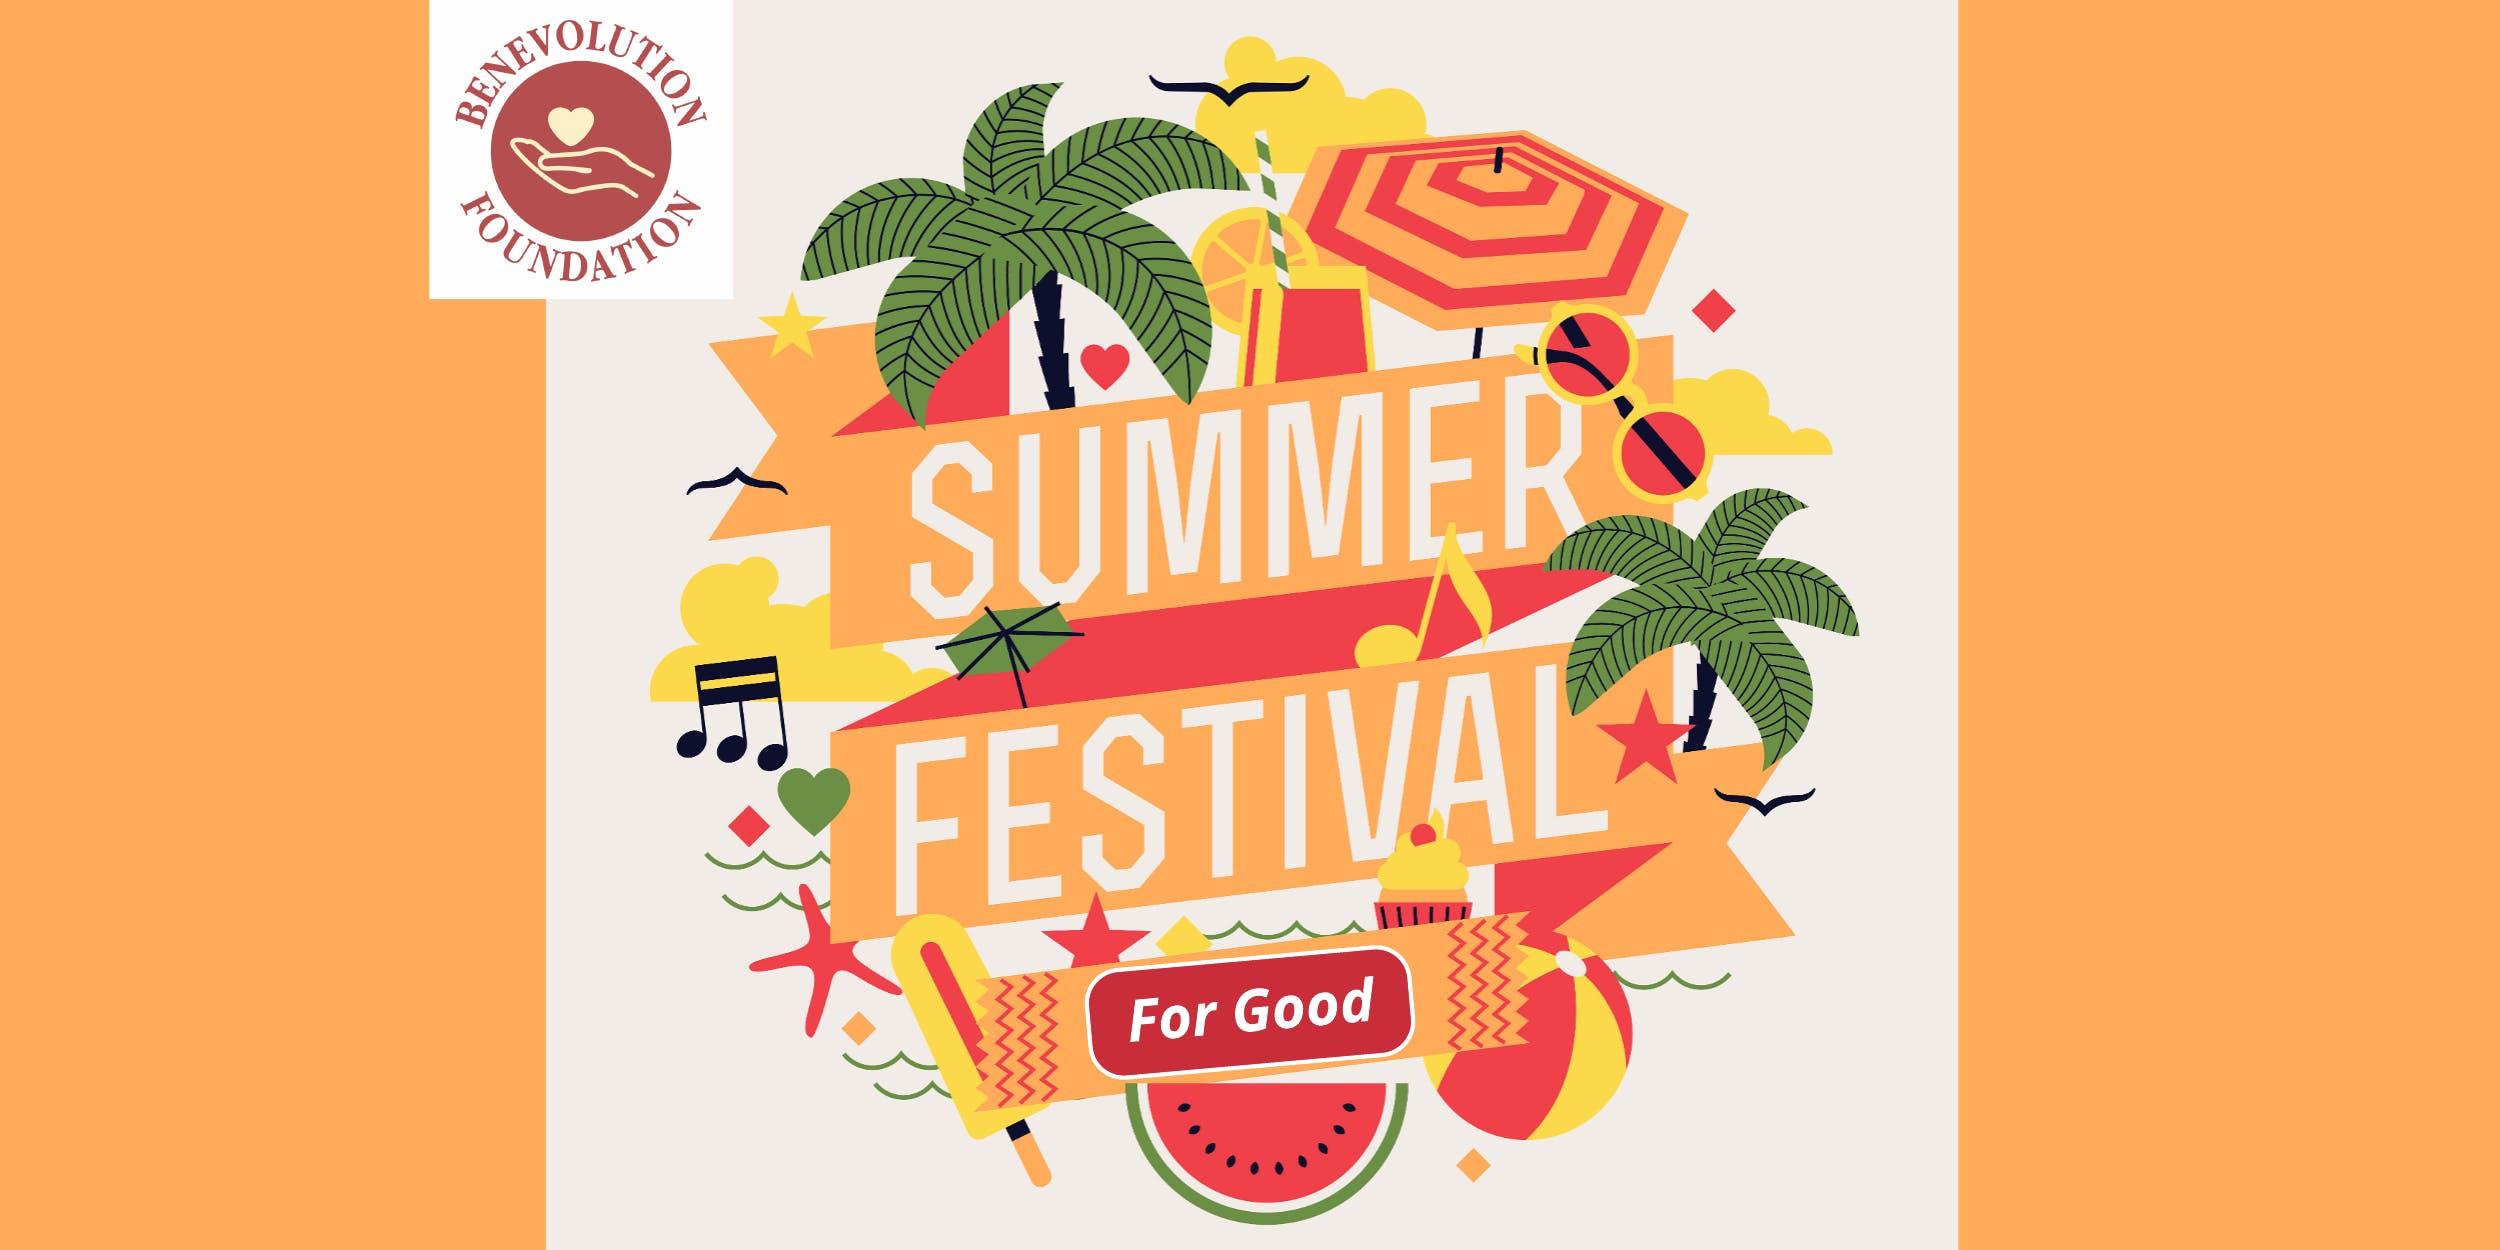 SummerFest For Good